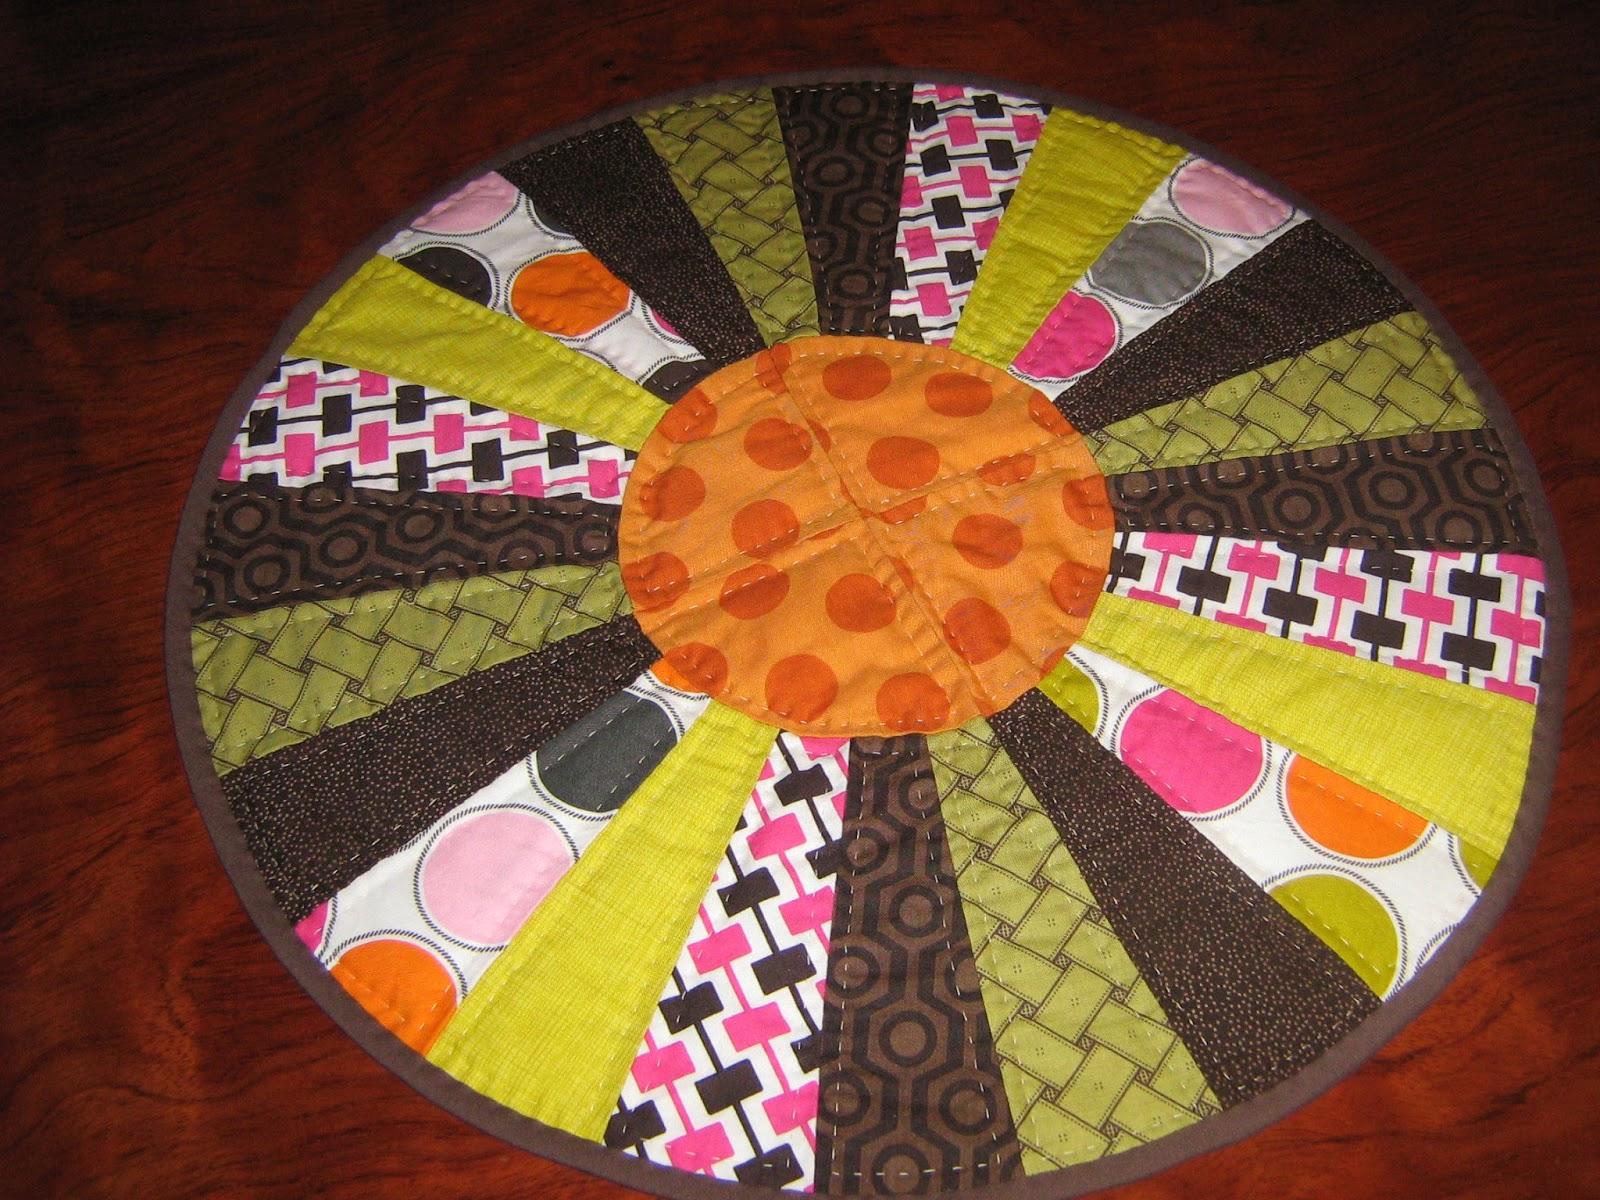 Noly labores camino de mesa patchwork hecho por nati merlo - Camino mesa patchwork ...